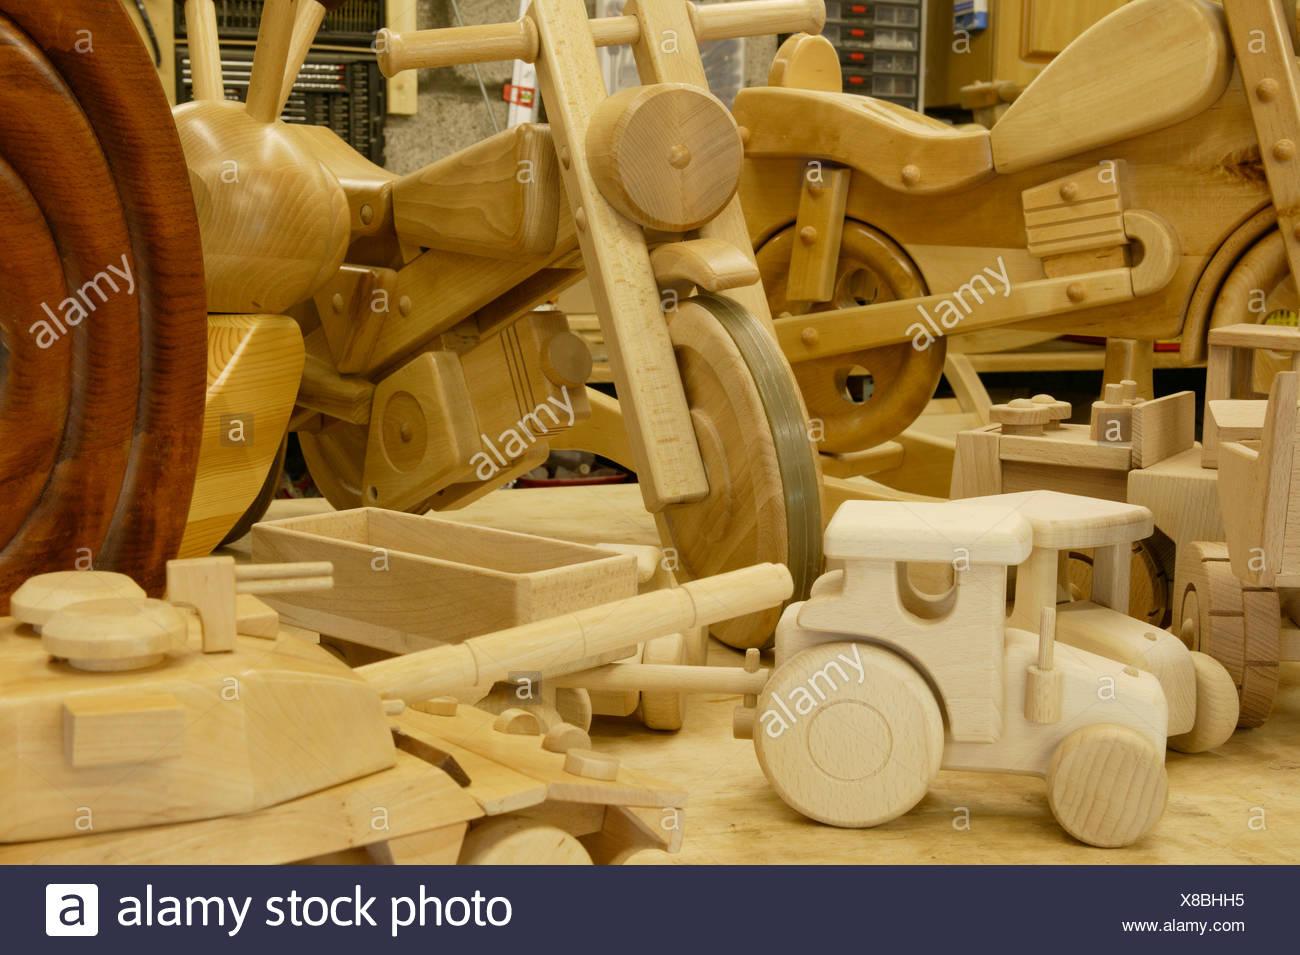 Stockamp; Imágenes Fabricación Stockamp; Imágenes De Fabricación De Juguetes Juguetes uOPkZiTX